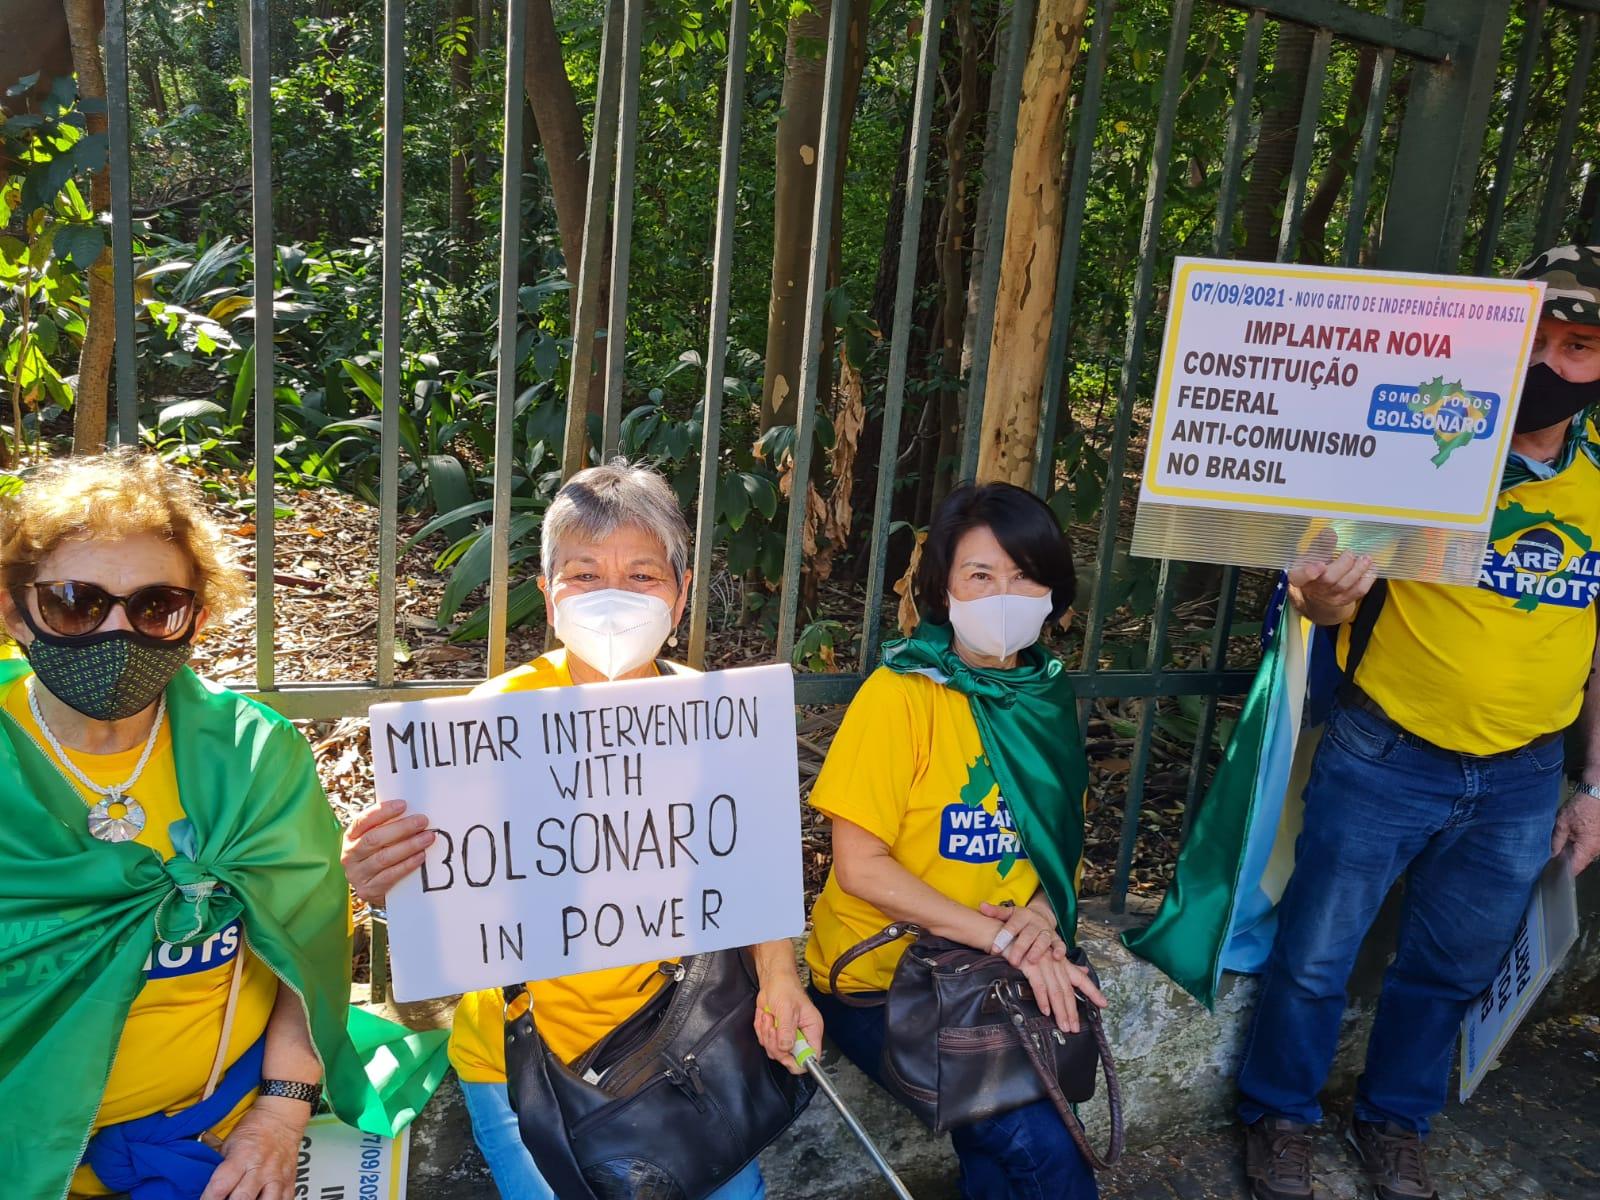 Imagem mostra três senhoras, uma dela segura um cartaz que diz: militar intervention with bolsonaro in power